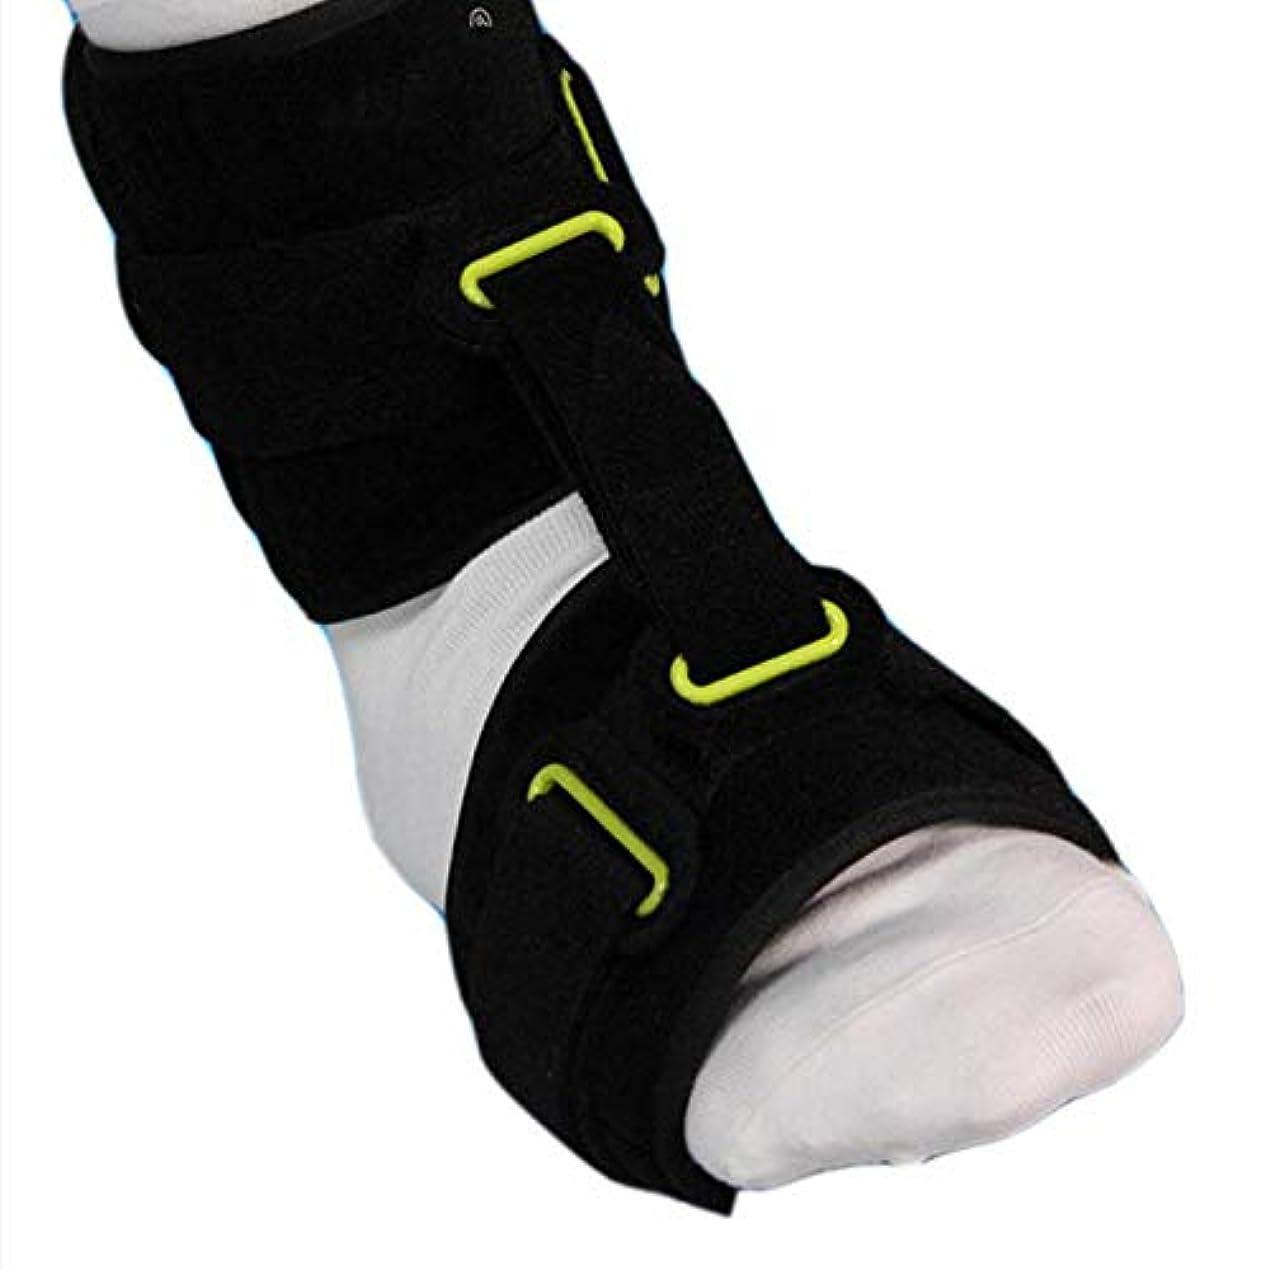 イルお風呂天使足首関節フットドロップ装具、調整可能な足首装具補正AFOが足底筋膜炎の昼と夜の副木装具をサポート